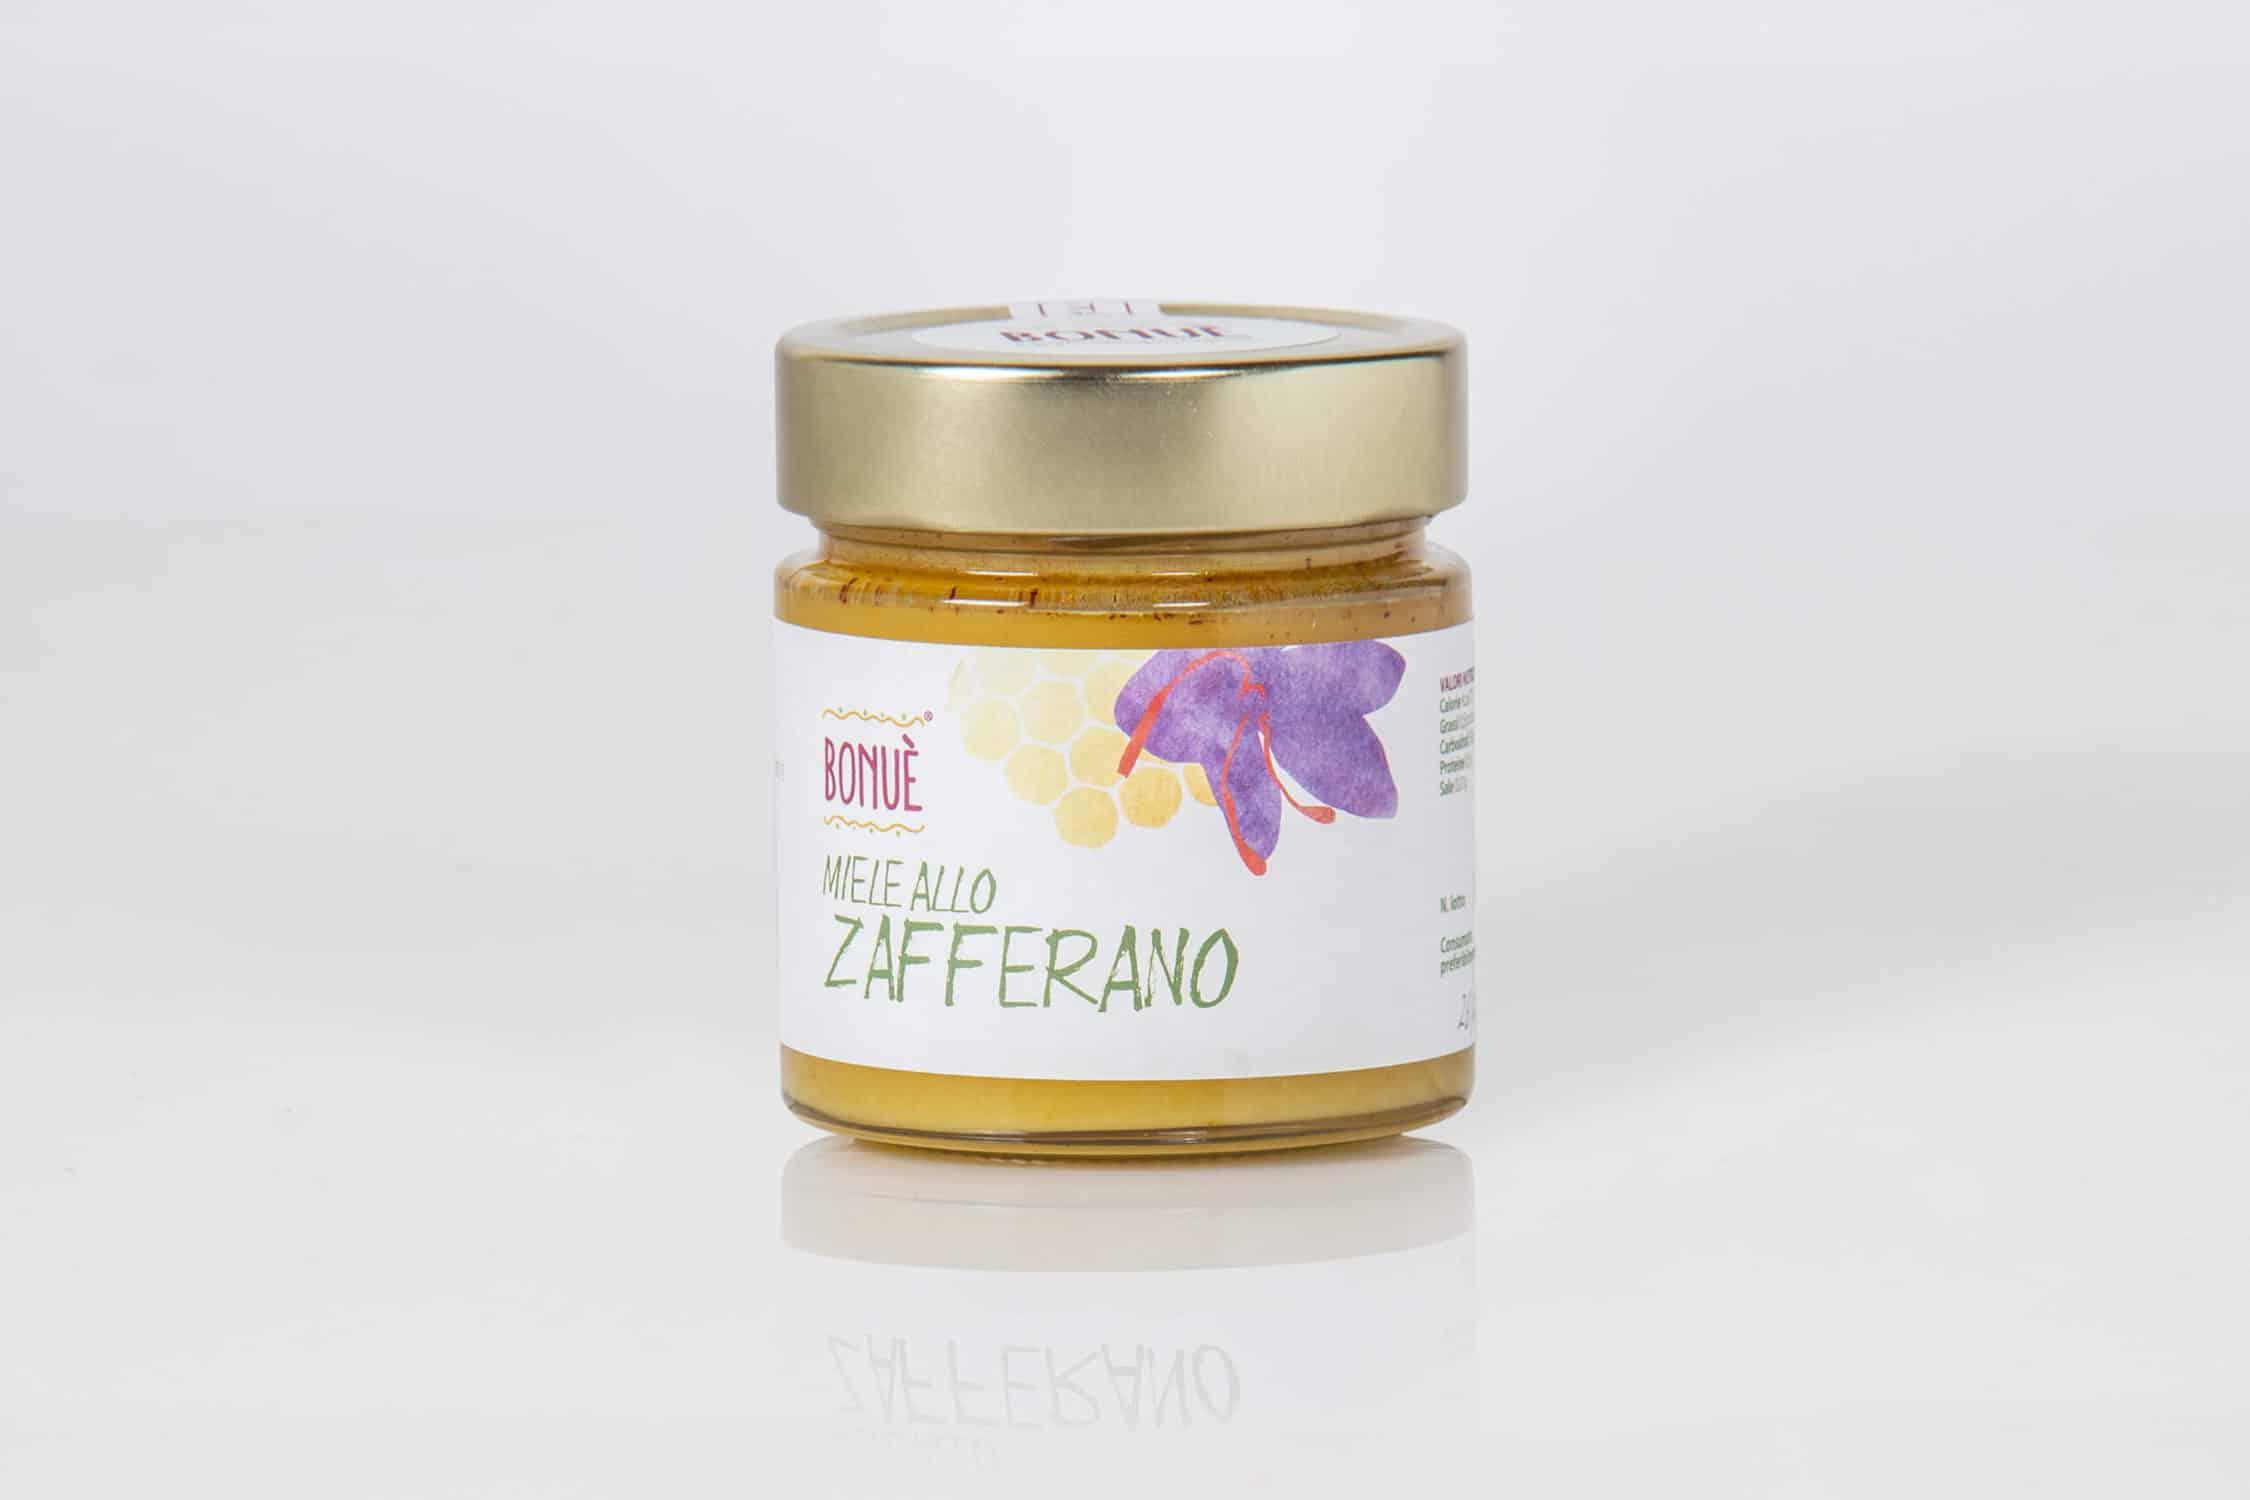 Miele allo Zafferano Bonuè vasetto 200g